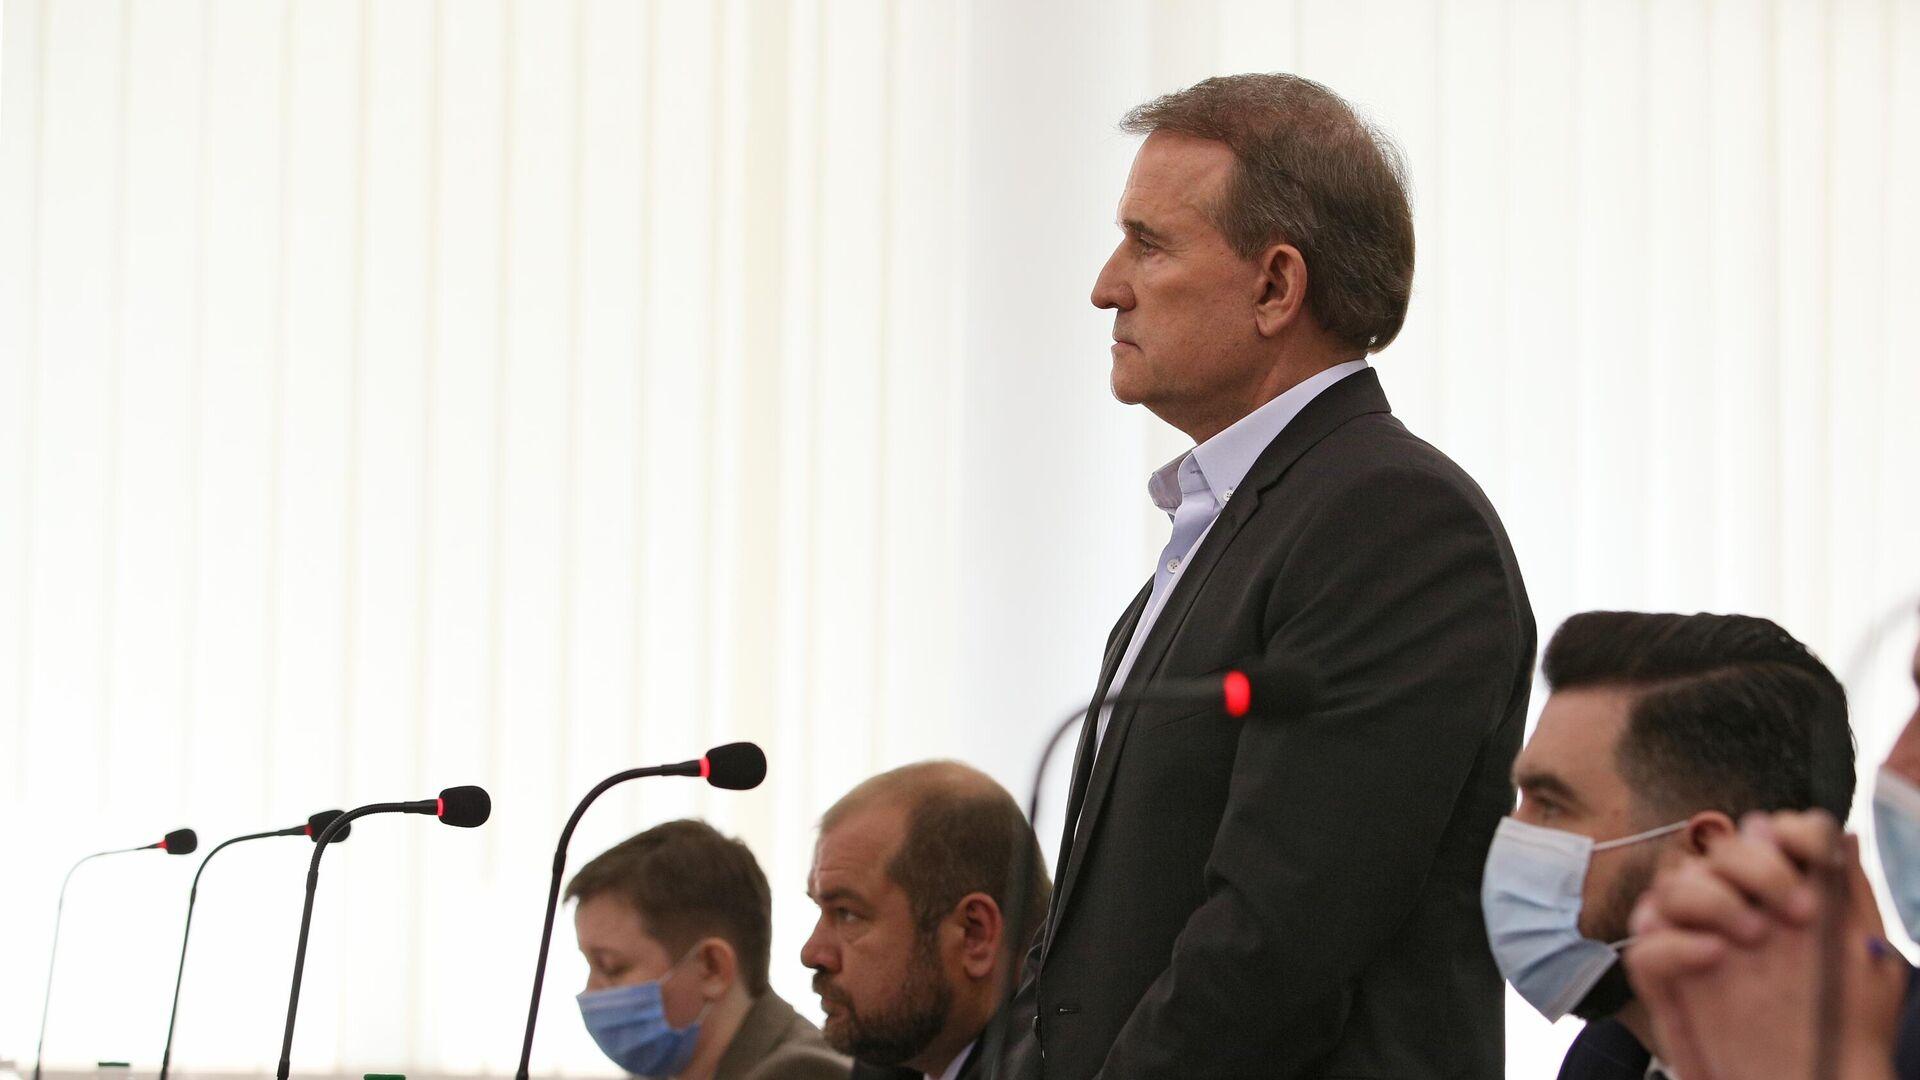 Виктор Медведчук, подозреваемый в госизмене и расхищении национальных ресурсов, в Киевском апелляционном суде - РИА Новости, 1920, 08.07.2021